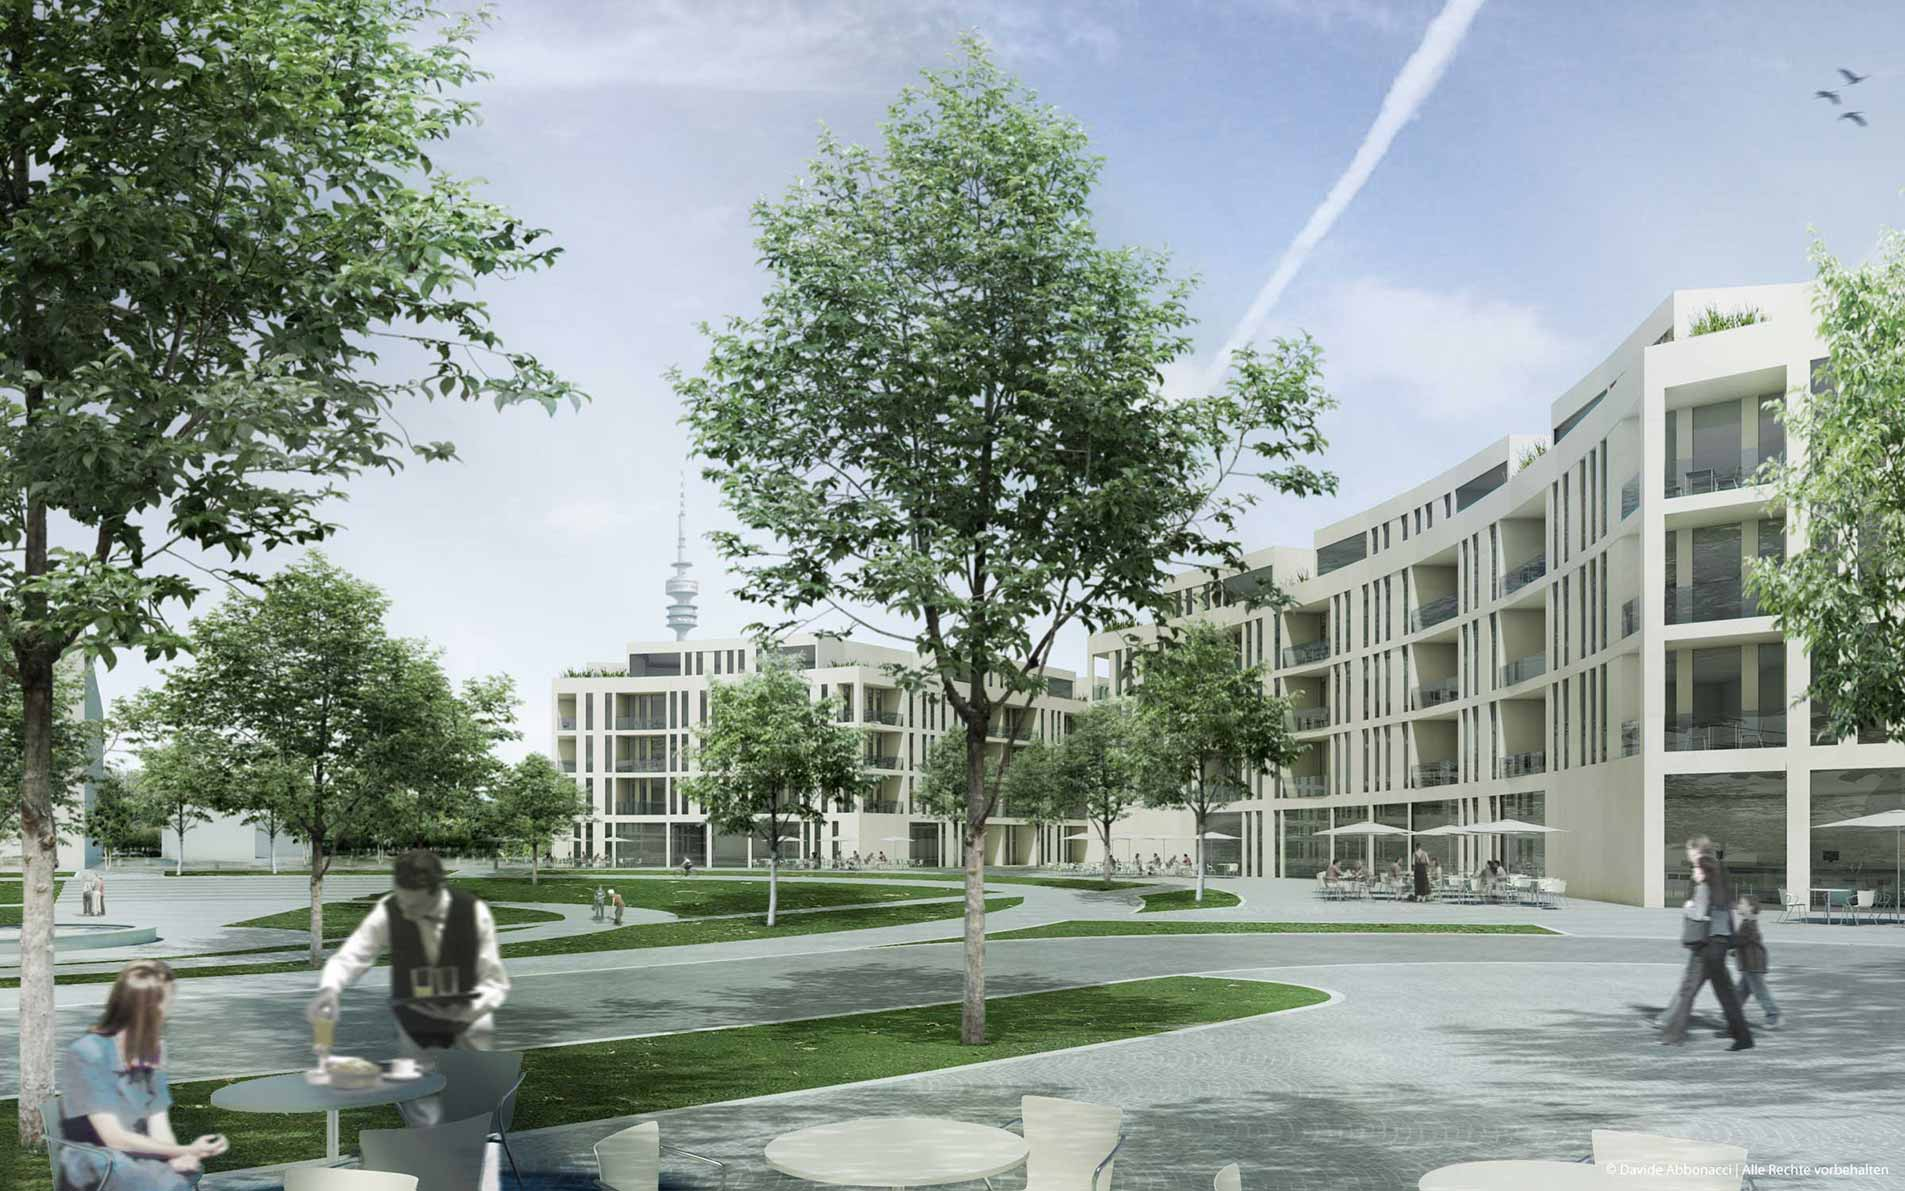 Olympisches Dorf und Mediendorf, München | gmp Architekten von Gerkan, Marg und Partner | 2010 Wettbewerbsvisualisierung | 5. Preis